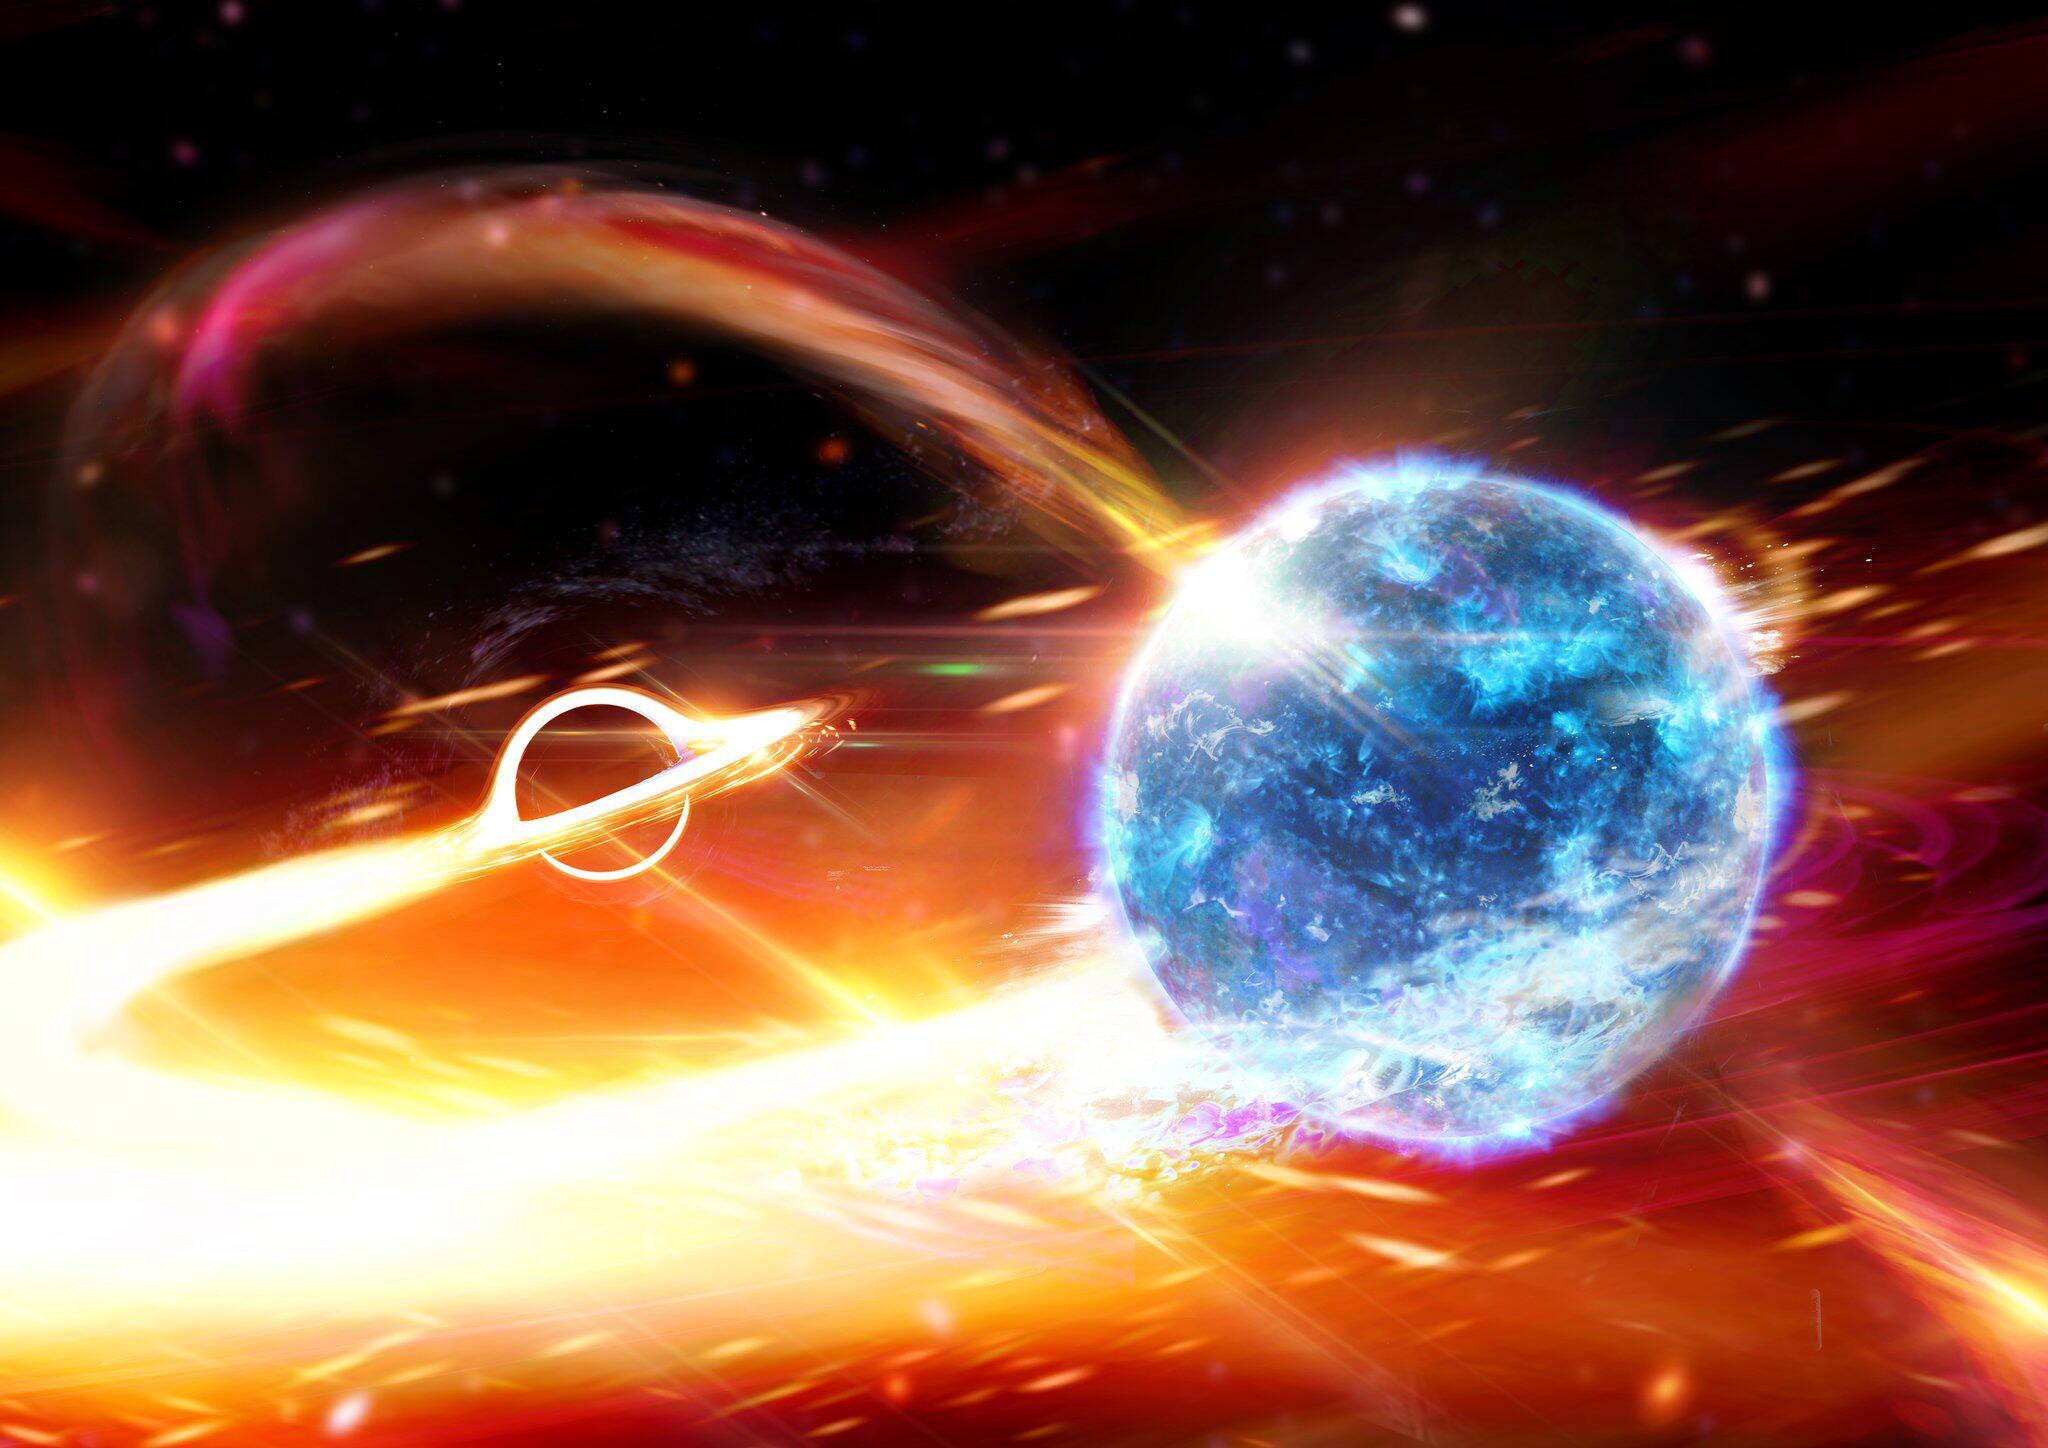 Bild zu Schwarzes Loch frisst Neutronenstern «wie Pac-Man»